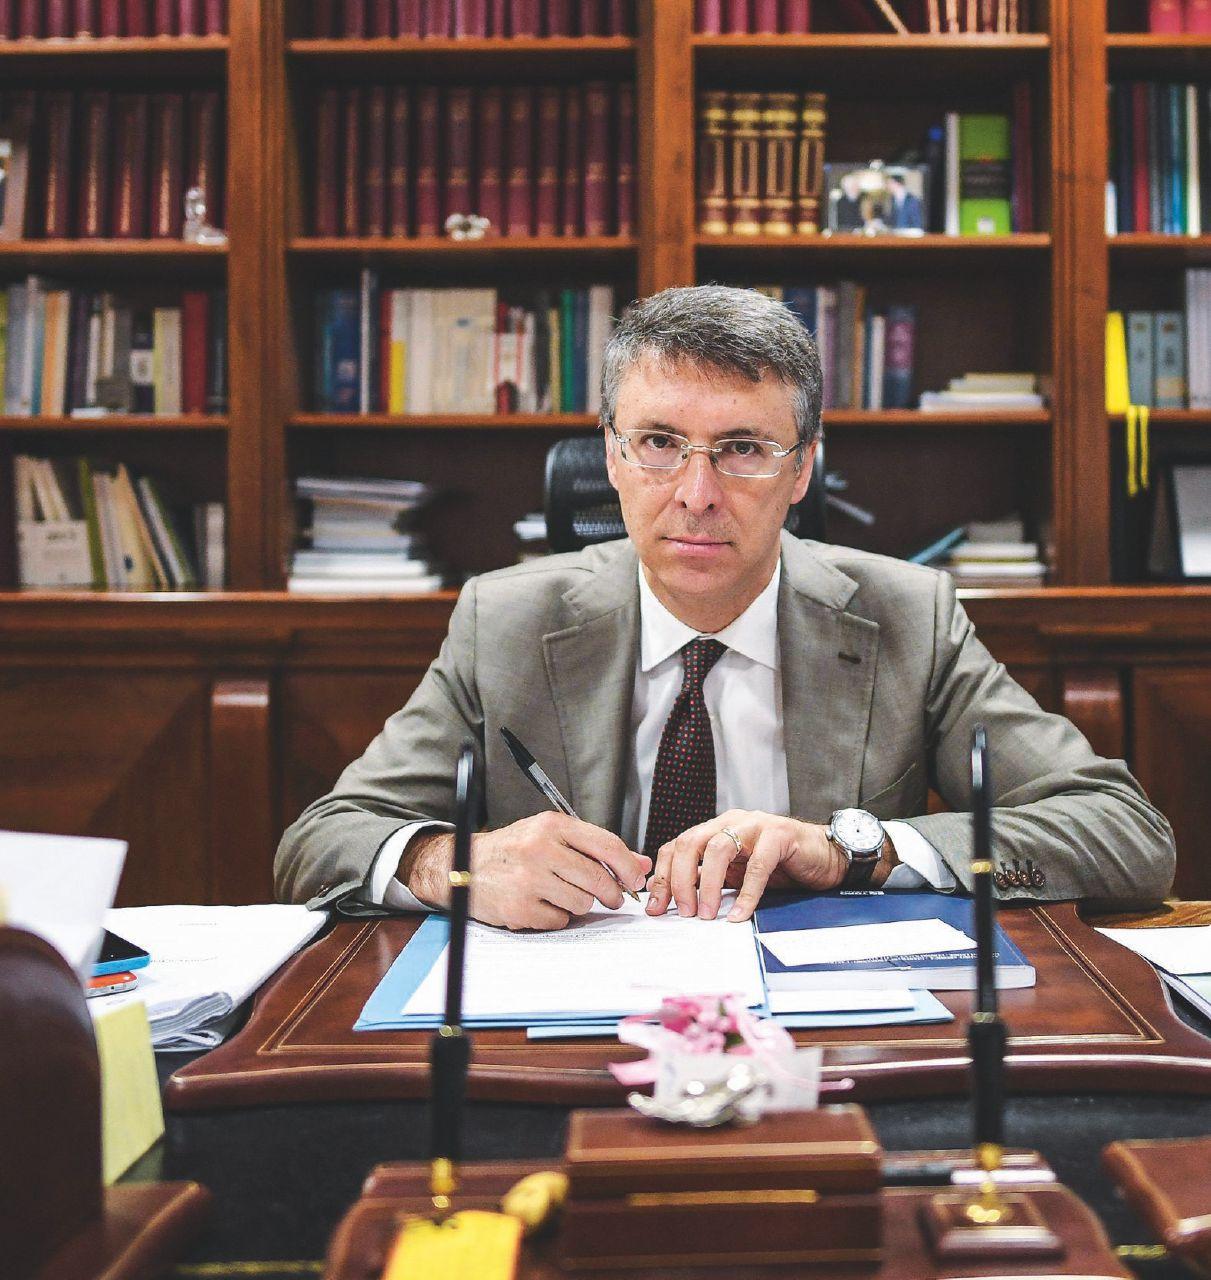 In Edicola sul Fatto Quotidiano del 21 aprile: È un governo a sua insaputa: scarica Cantone, poi si pente